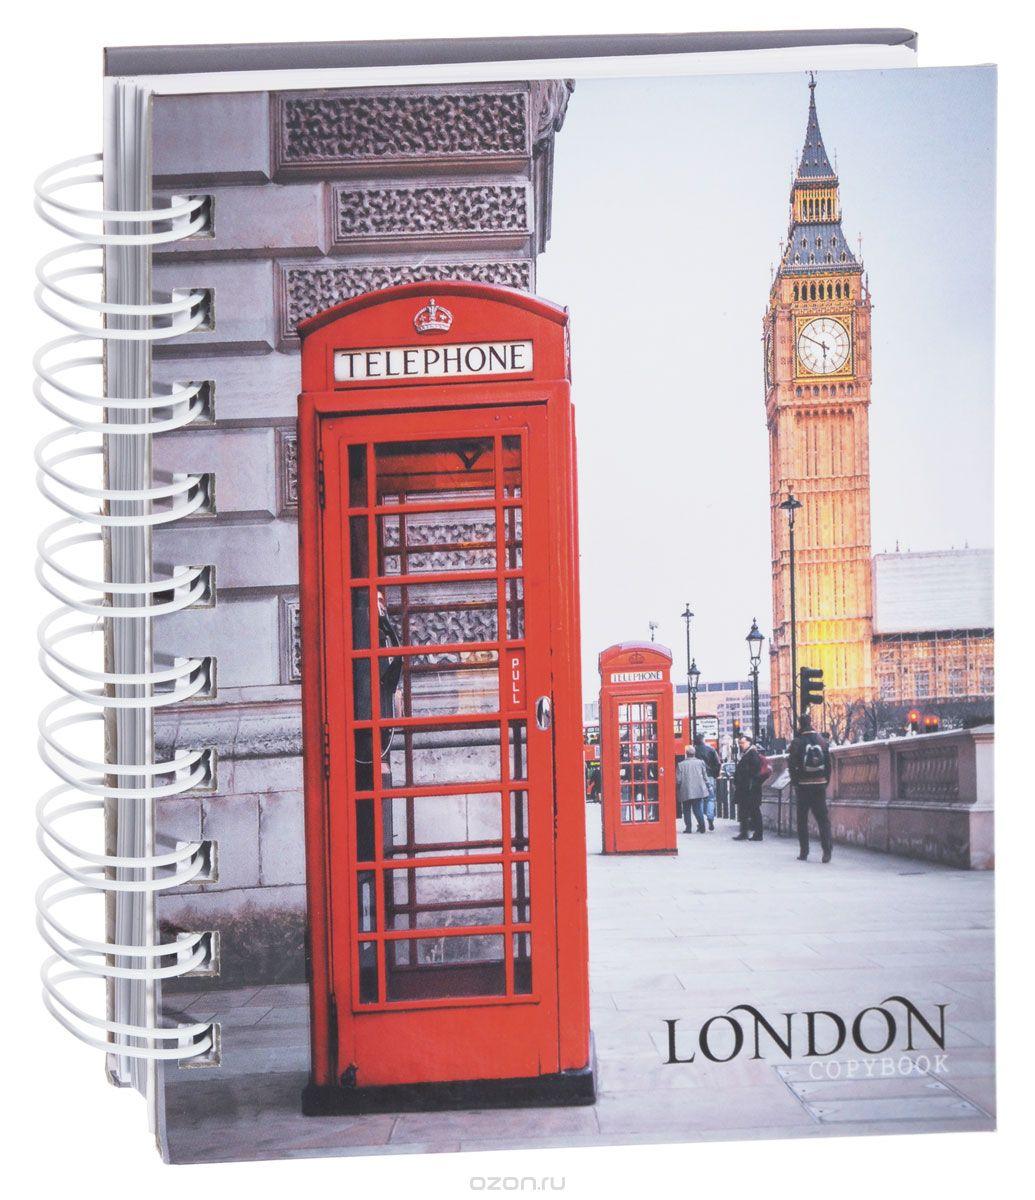 Listoff Тетрадь Лондонский пейзаж 180 листов в клетку610842Тетрадь Listoff Лондонский пейзаж подойдет как школьнику, так и студенту. Обложка тетради выполнена из прочного картона и оформлена изображением улицы Лондона с видом на Биг-Бен.Внутренний блок тетради на гребне состоит из 180 листов белой бумаги с линовкой в клетку.